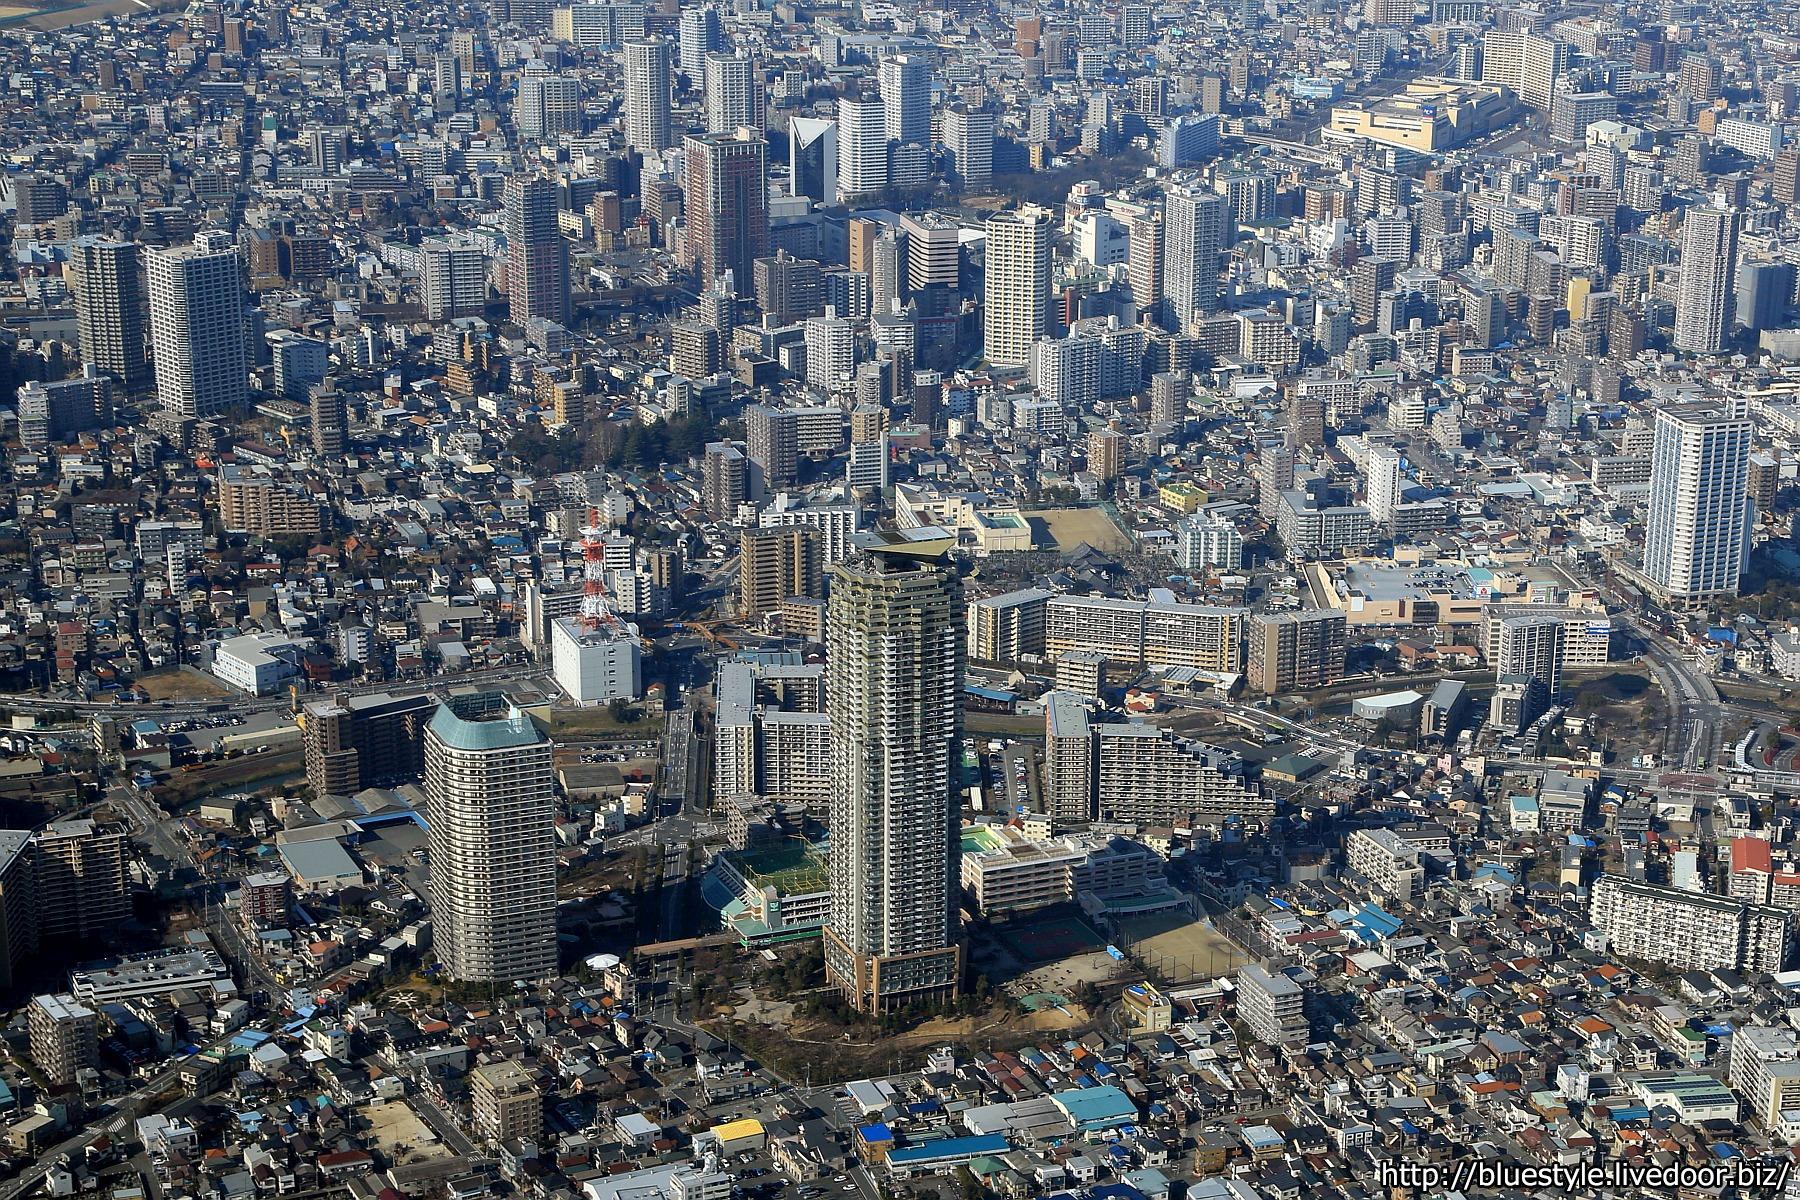 【アマ】関西の住みやすい街1位は尼崎 かつては工業の街とのイメージ 武蔵小杉のようになる? [住みやすい街大賞2018in関西]★4 YouTube動画>6本 ->画像>38枚